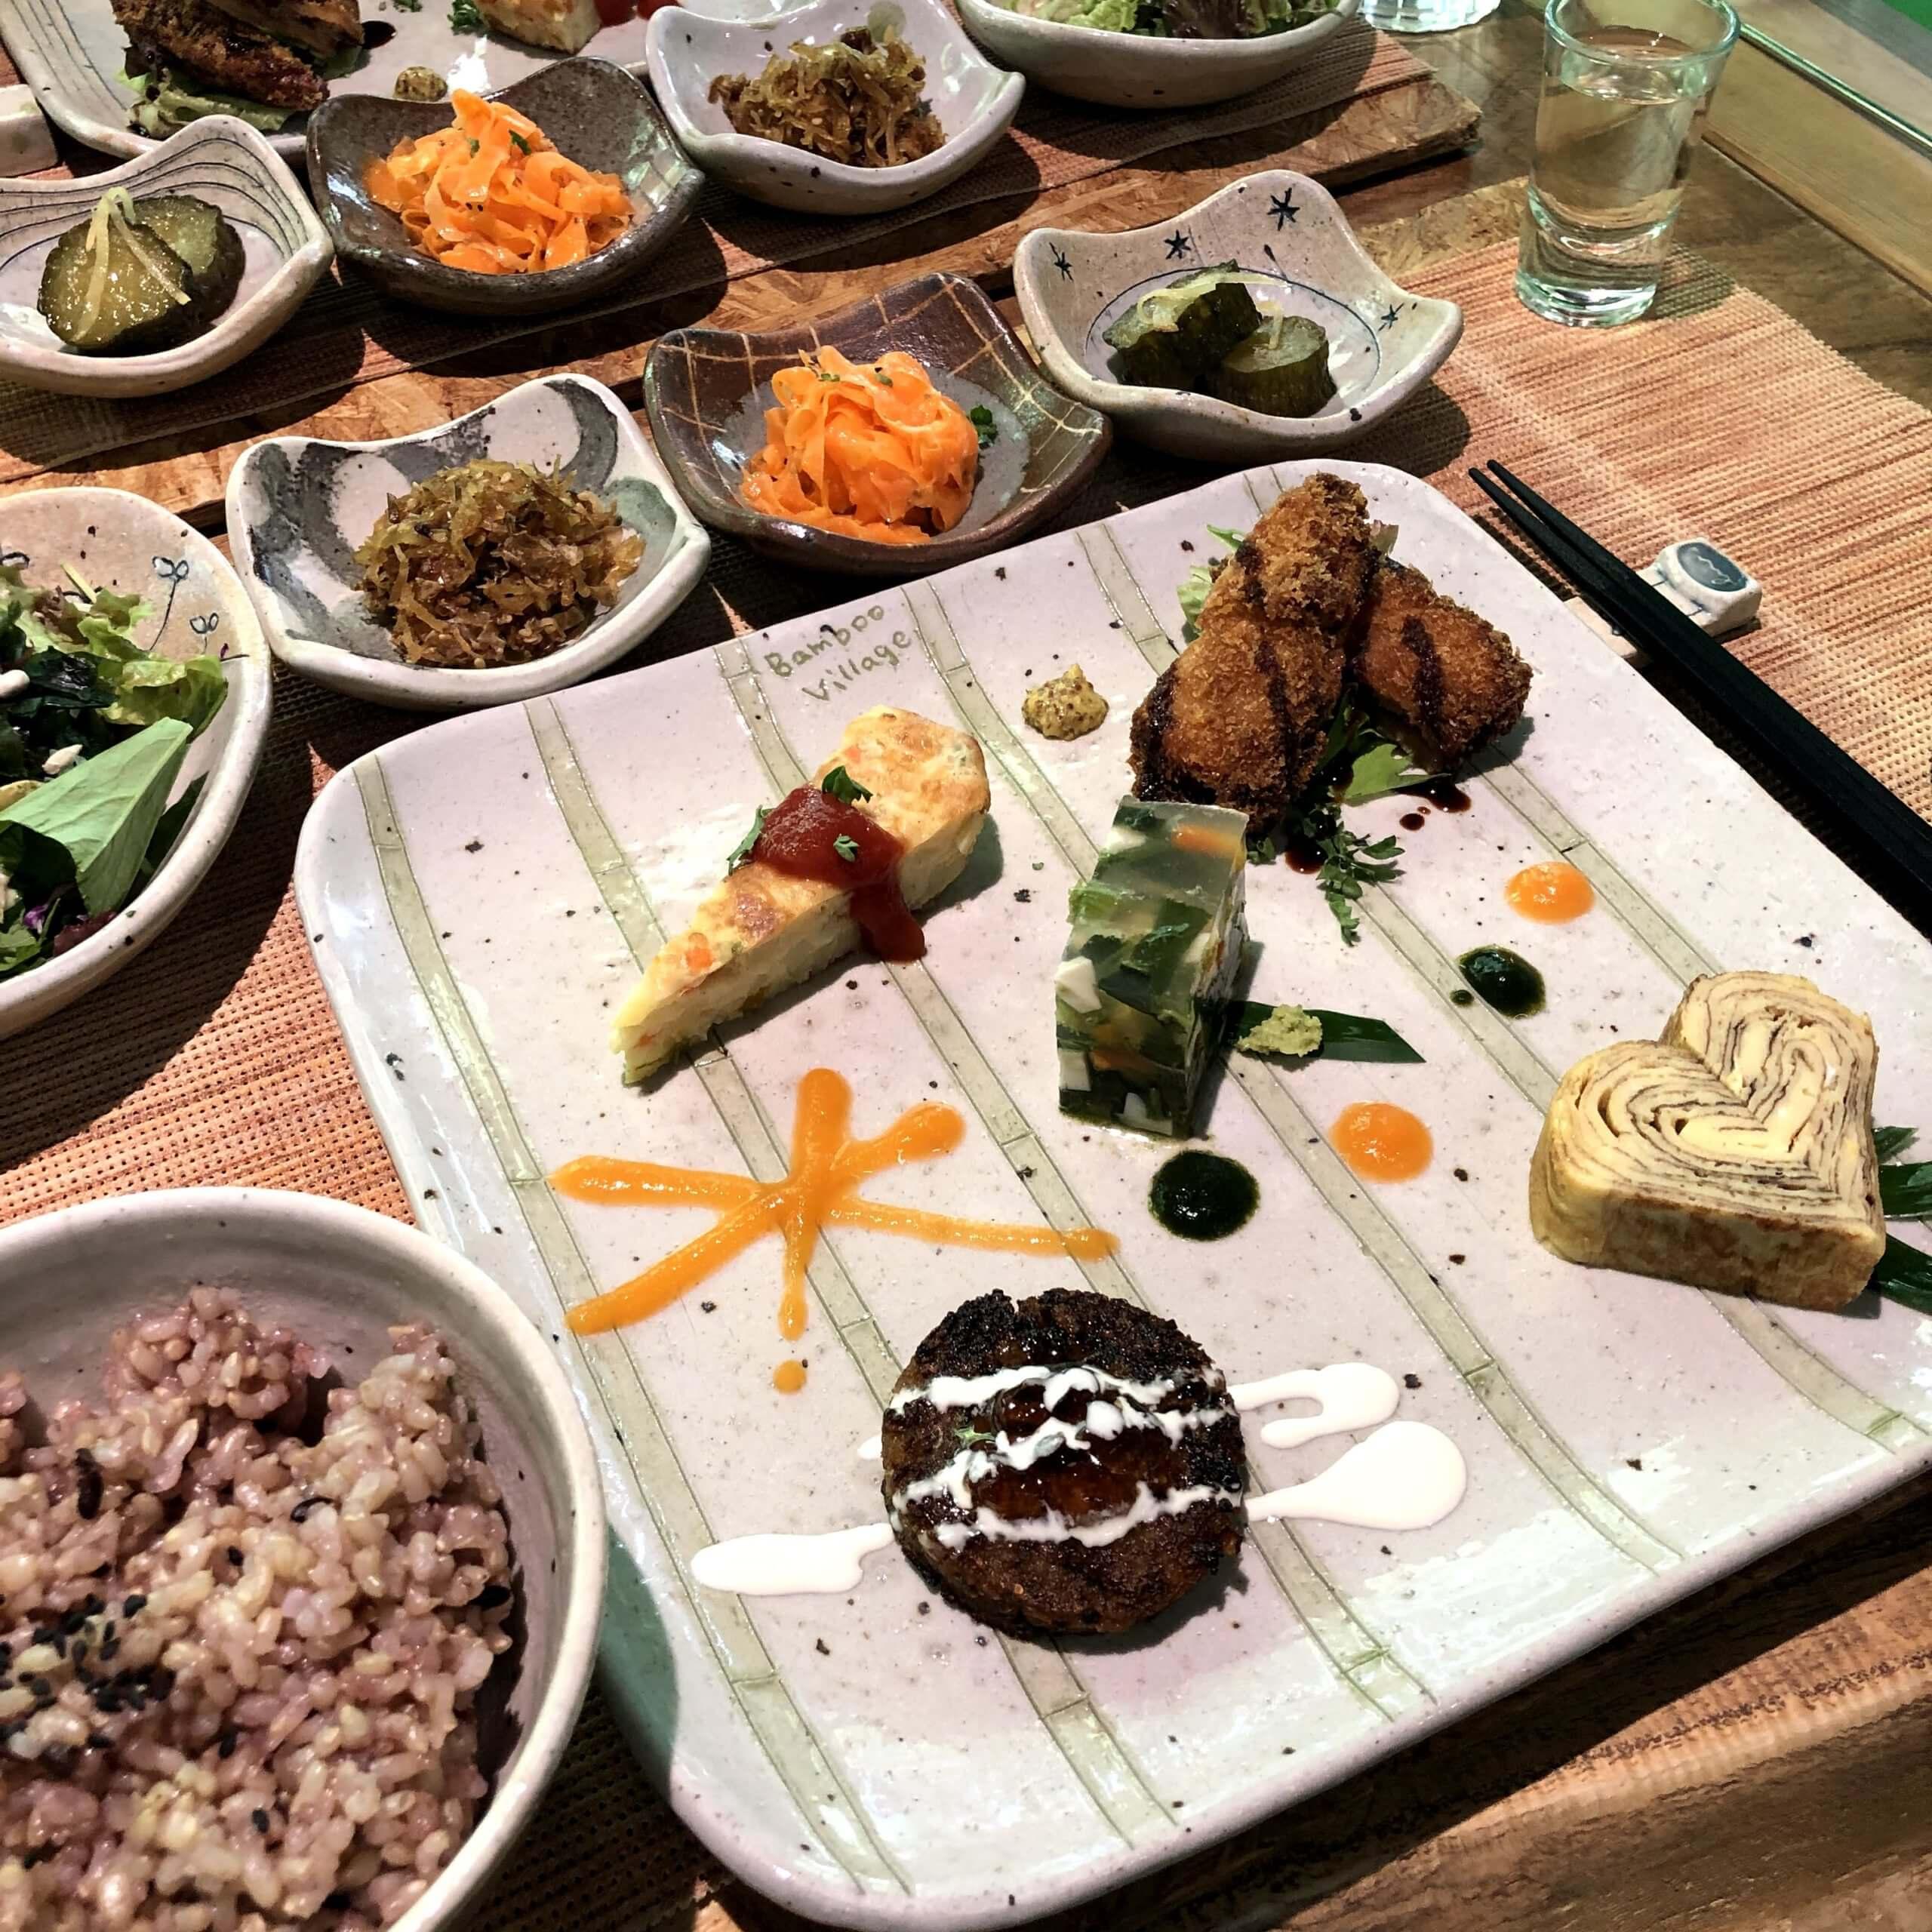 【雑貨カフェ Bamboo Village -バンブービレッジ-】身体に優しいヘルシーで美味しいランチで大満足。雑貨も購入できる素敵なカフェ《熊本市北区弓削》